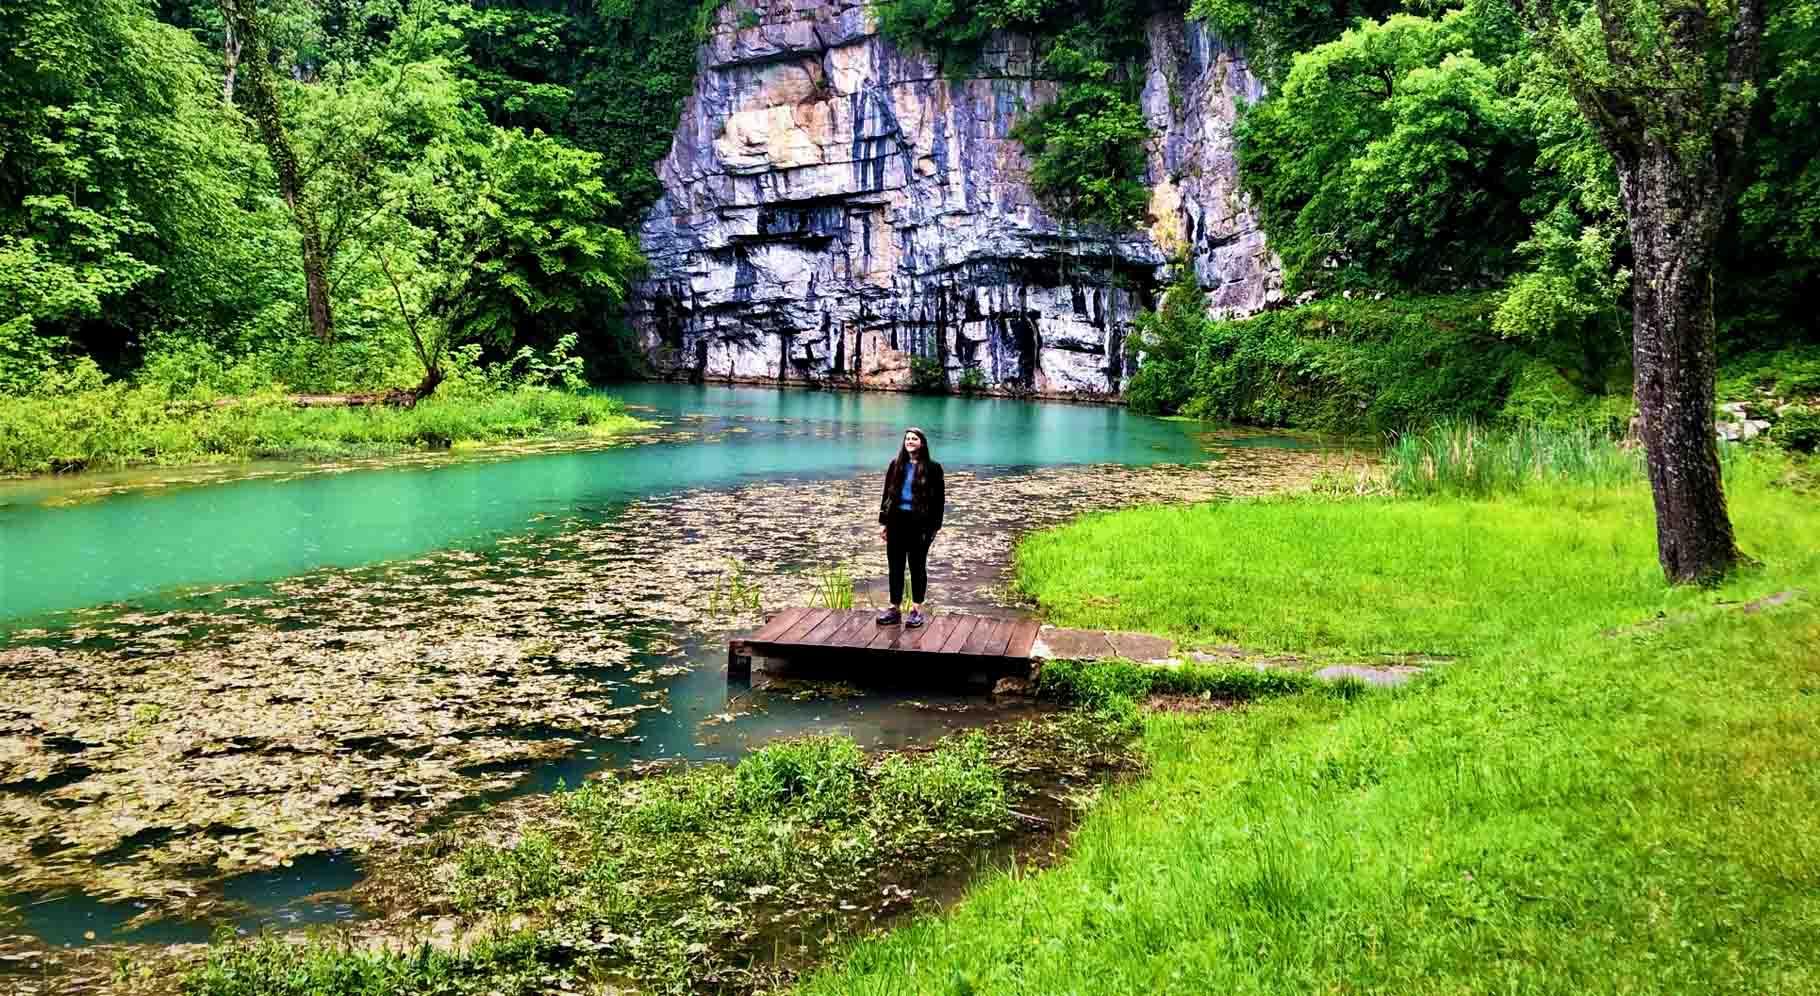 sorgenti del fiume Krupa nella regione della Bela Krajina in Slovenia